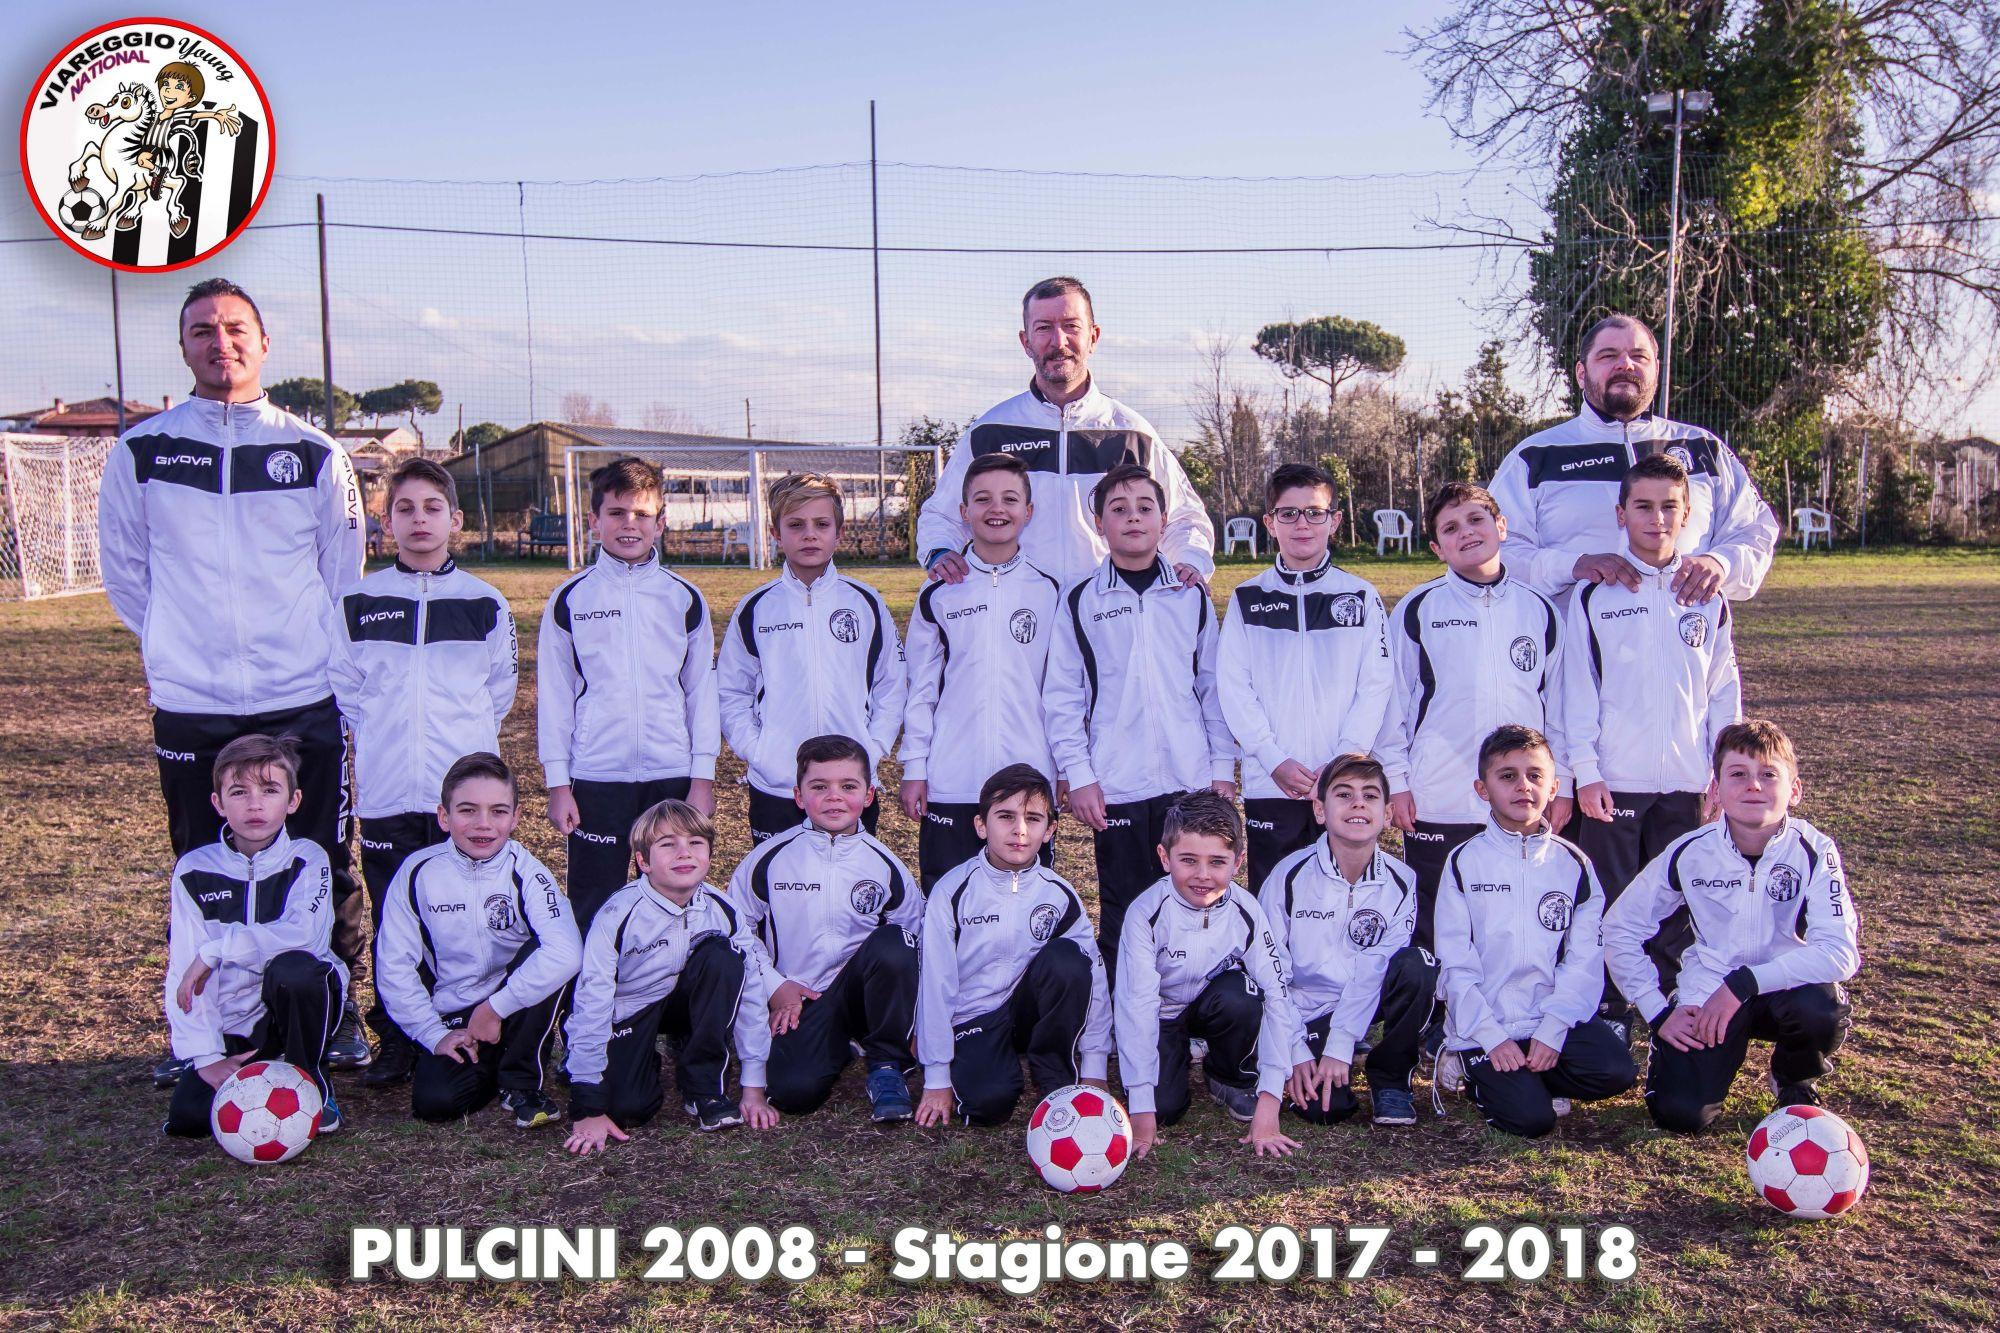 pulcini 2008 Viareggio National Young